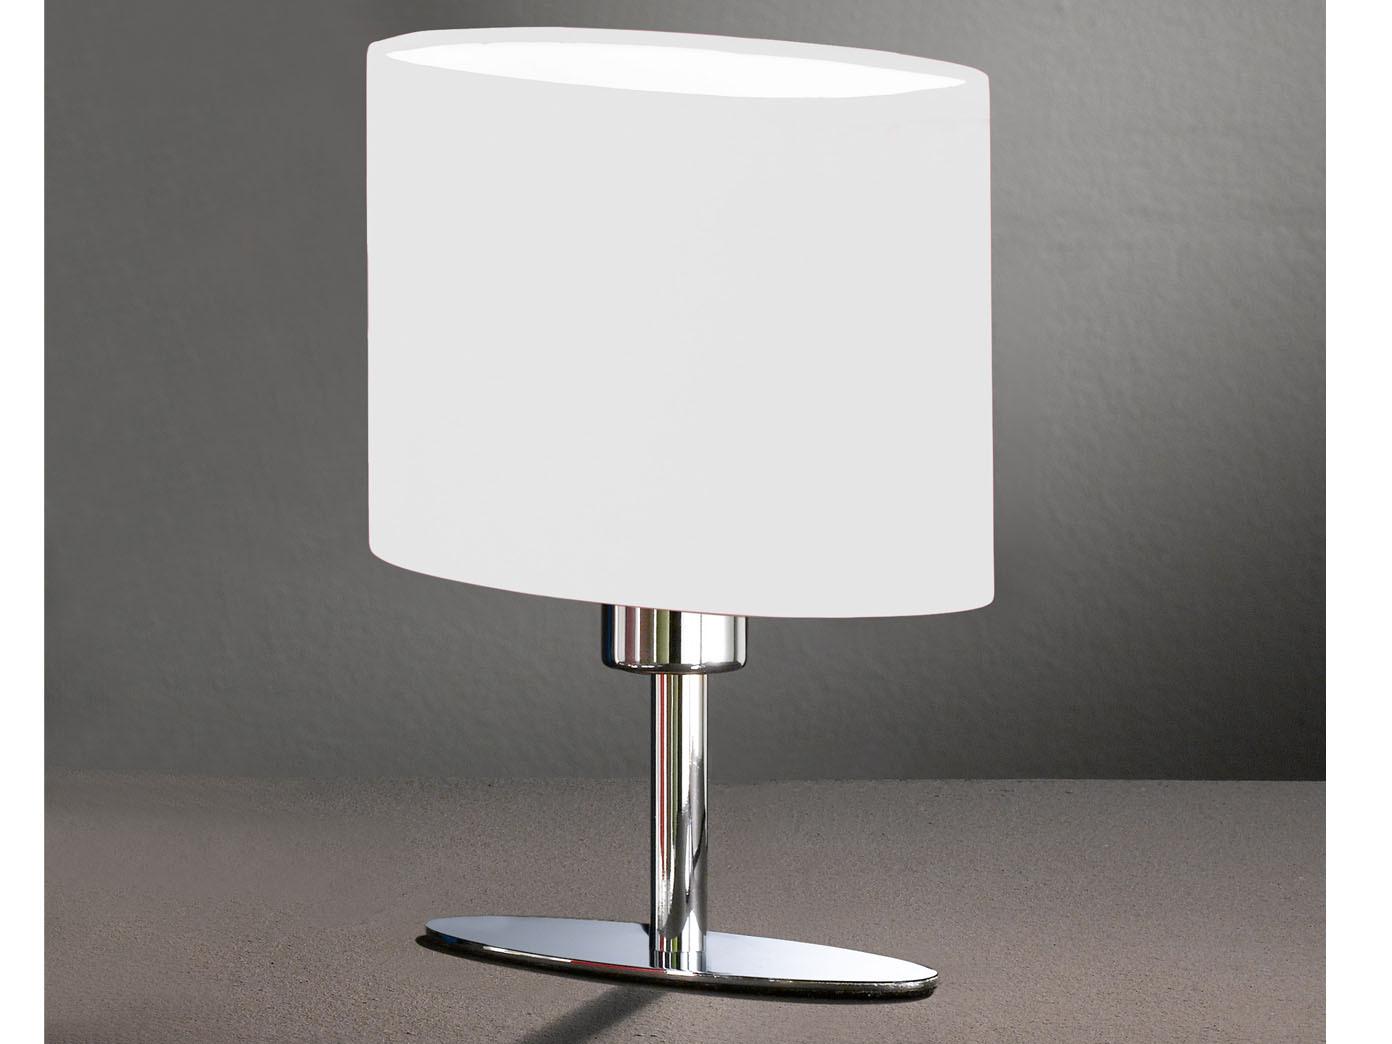 Tischlampe Honsel-Leuchten Leuchtenschirm oval braun Elegante Beistellleuchte